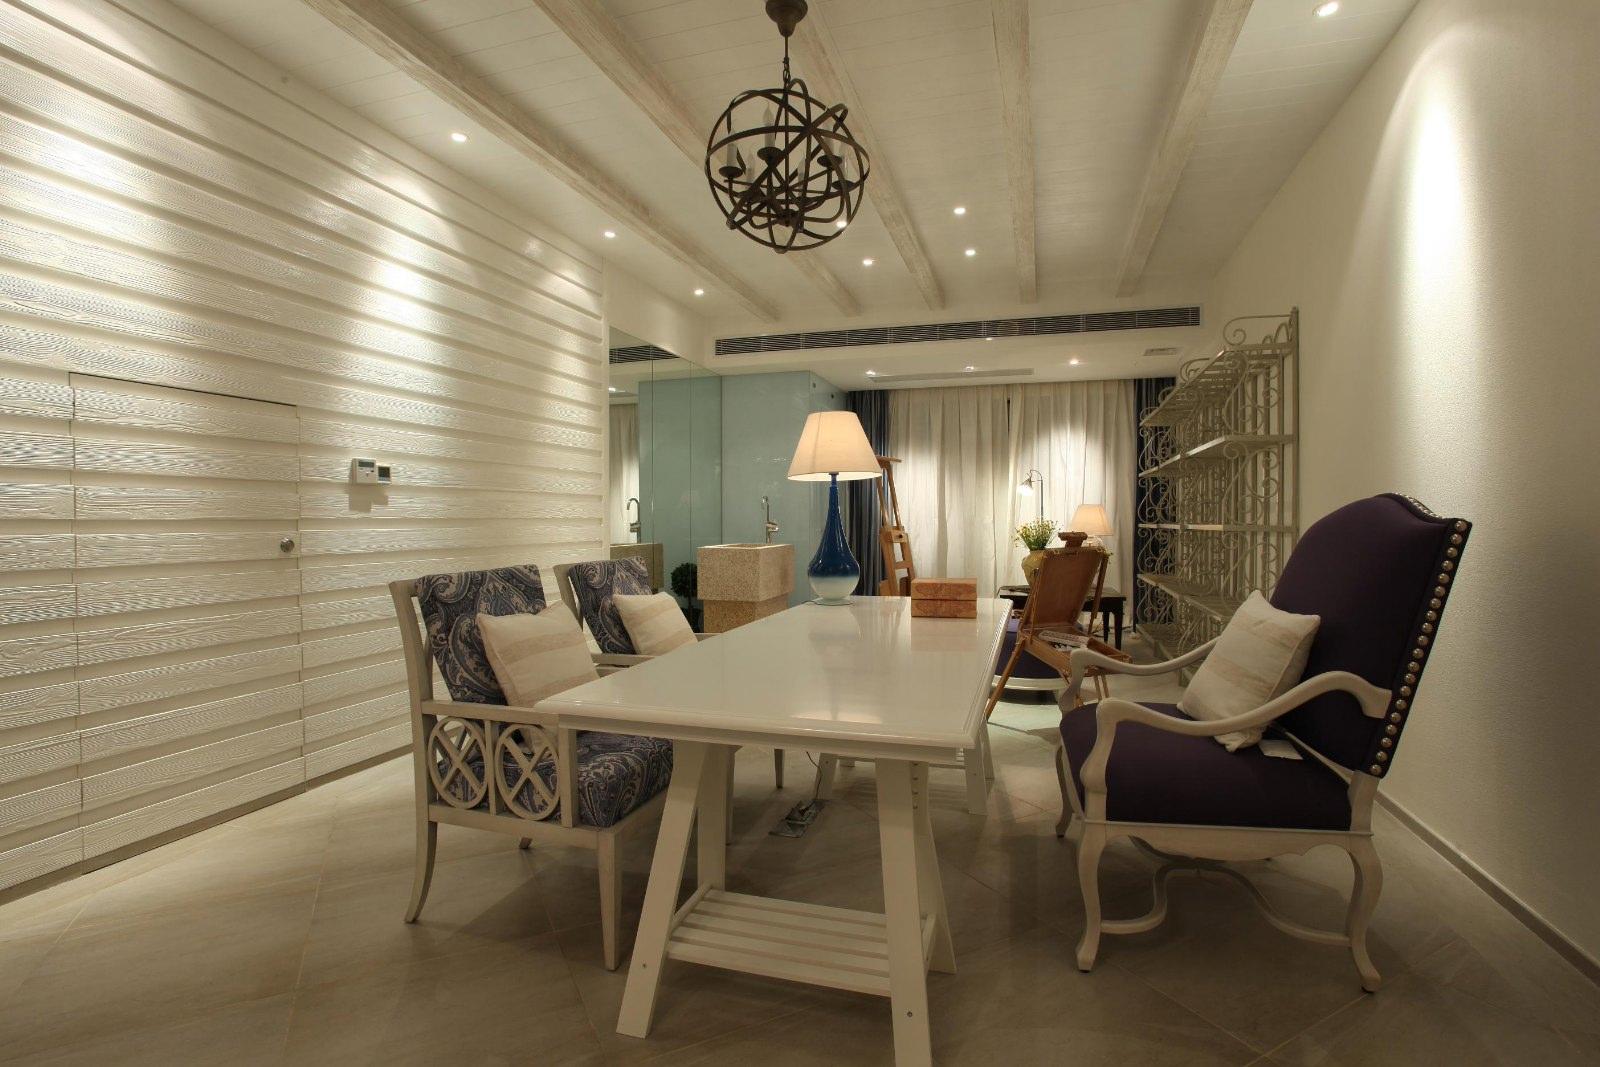 """地中海风格的设计在业界很受关注地中海周边国家众多,民风各异,但是独特的气候特征还是让各国的地中海风格呈现出一些一致的特点。通常,""""地中海风格""""的家居,会采用这么几种设计元素:白灰泥墙、连续的拱廊与拱门,陶砖、海蓝色的屋瓦和门窗。当然,设计元素不能简单拼凑,必须有贯穿其中的风格灵魂。地中海风格的灵魂,目前比较一致的看法就是""""蔚蓝色的浪漫情怀,海天一色、艳阳高照的纯美自然""""。"""